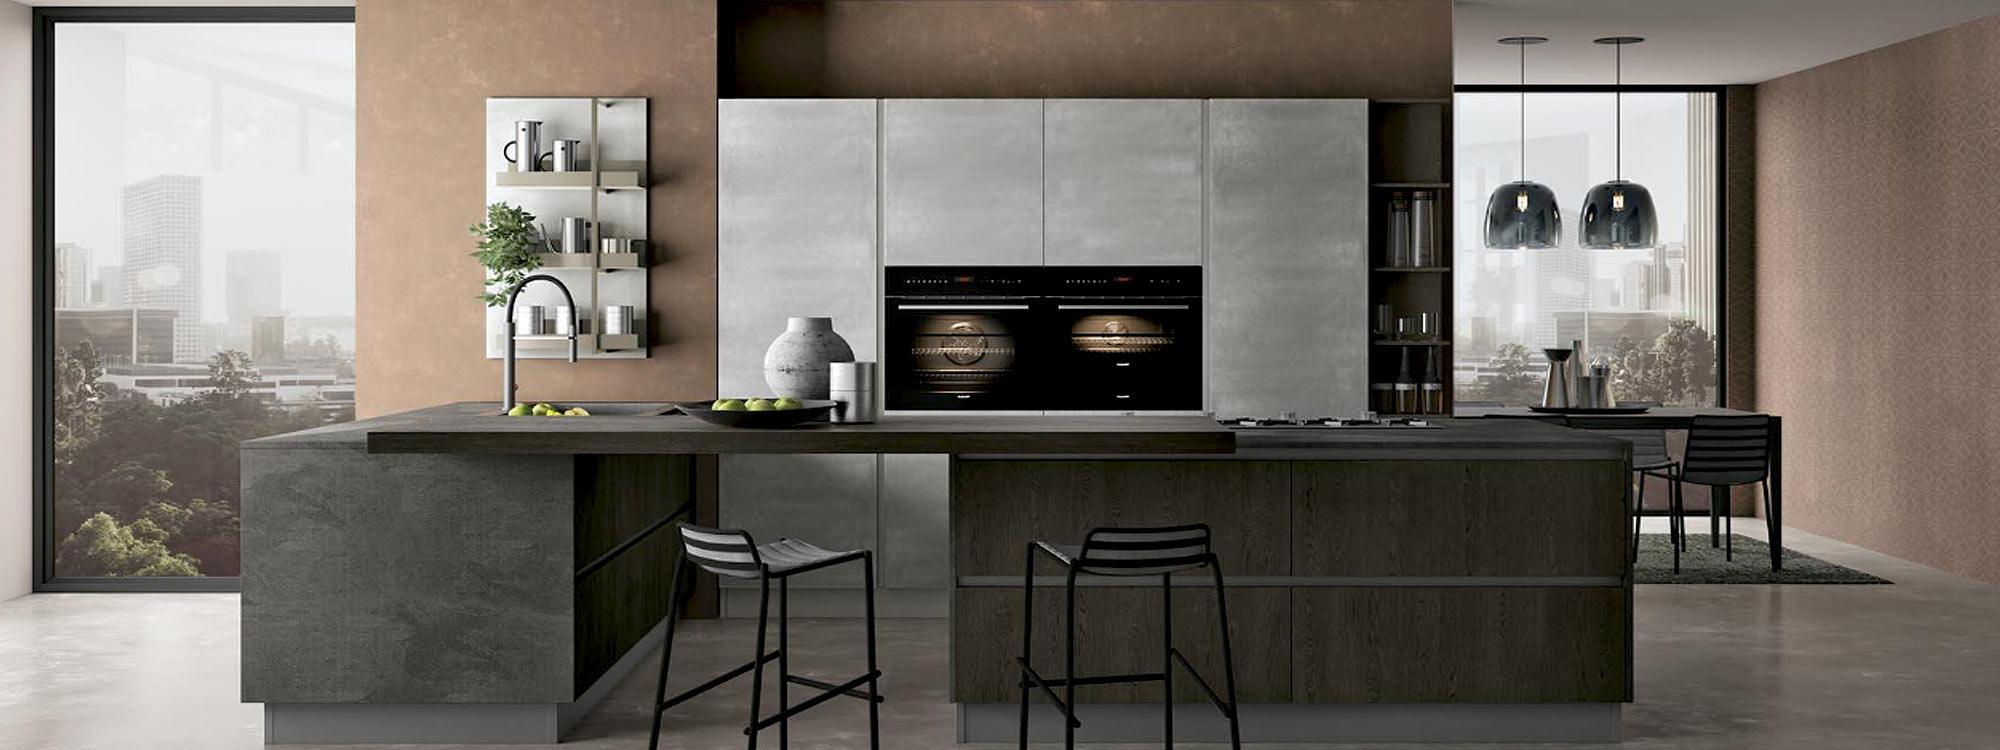 Cucina Lube Modello Clover   Centro Cucine Lube Verona Cuine In ...